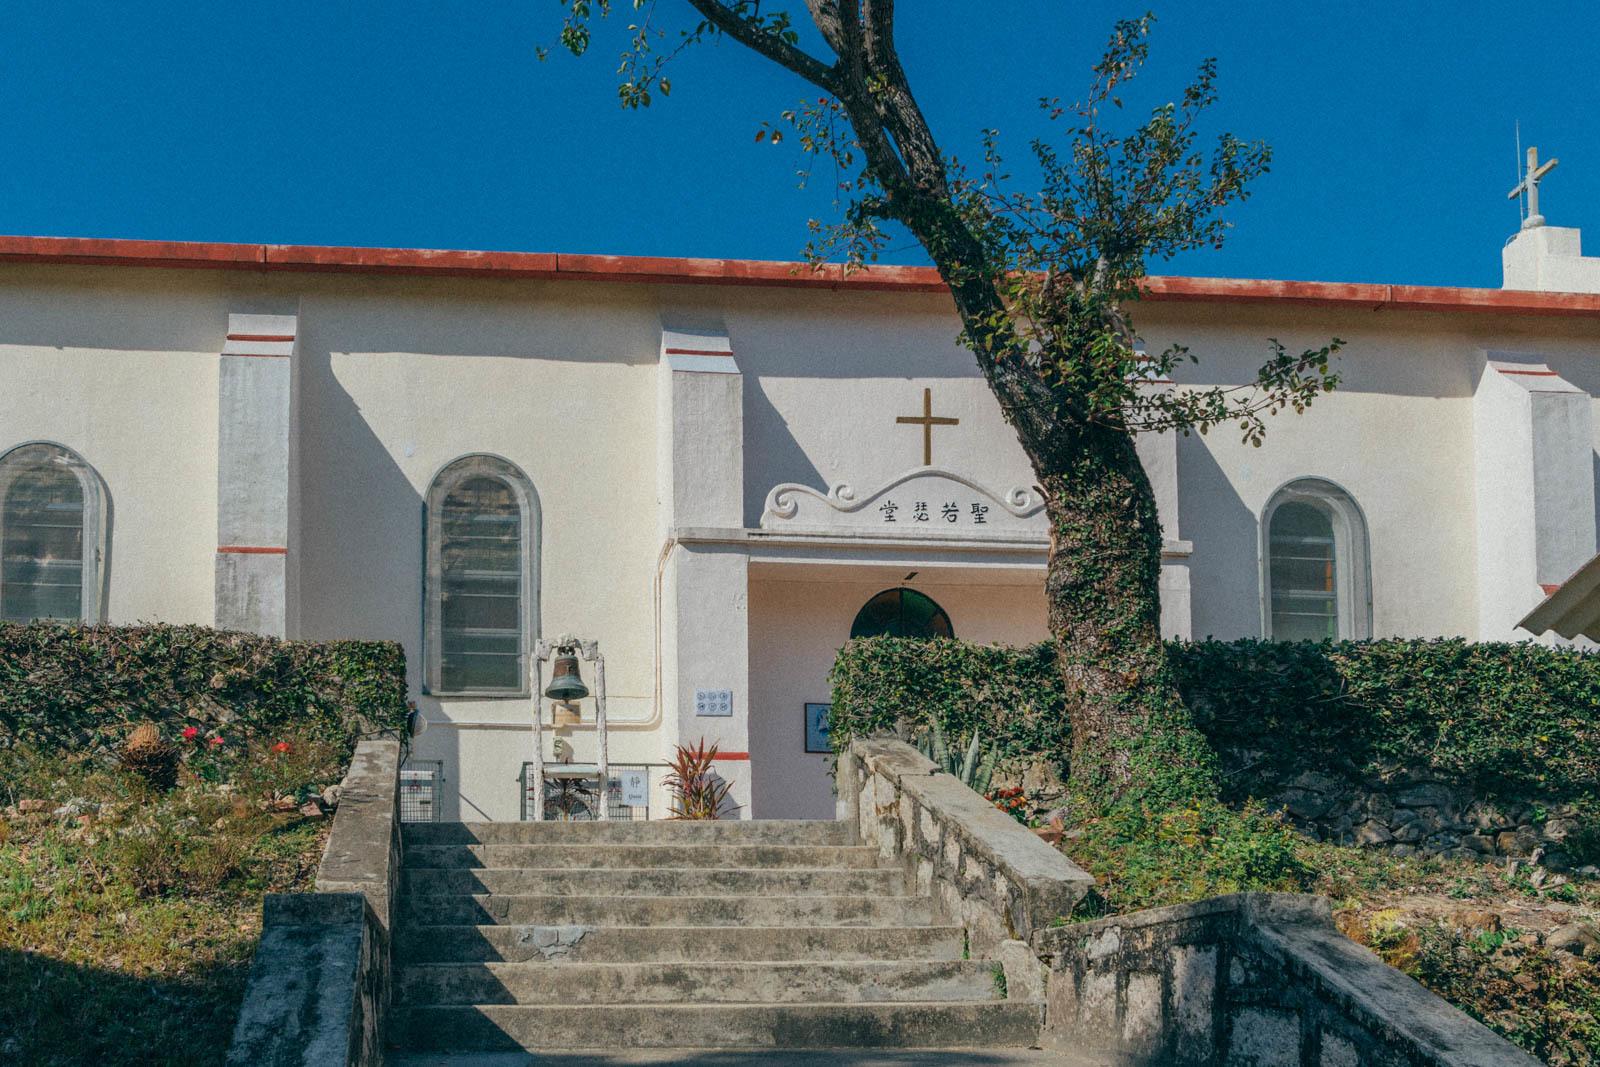 Sai Kung church